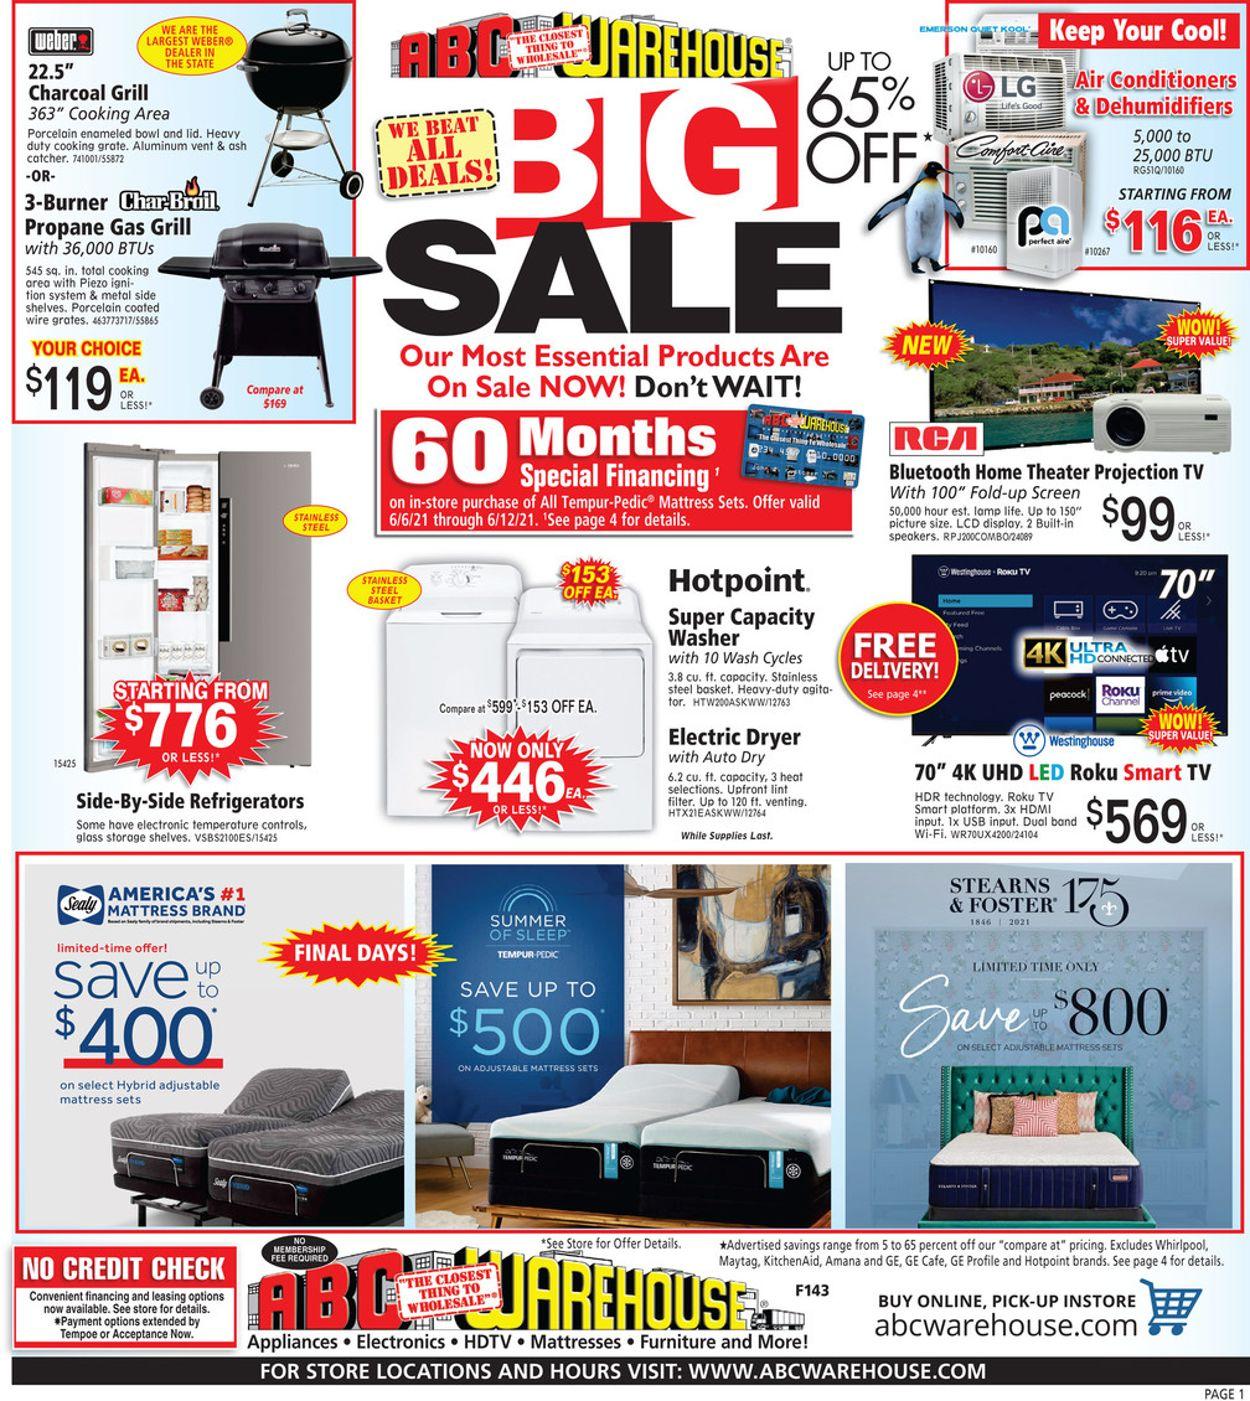 ABC Warehouse Weekly Ad Circular - valid 06/06-06/12/2021